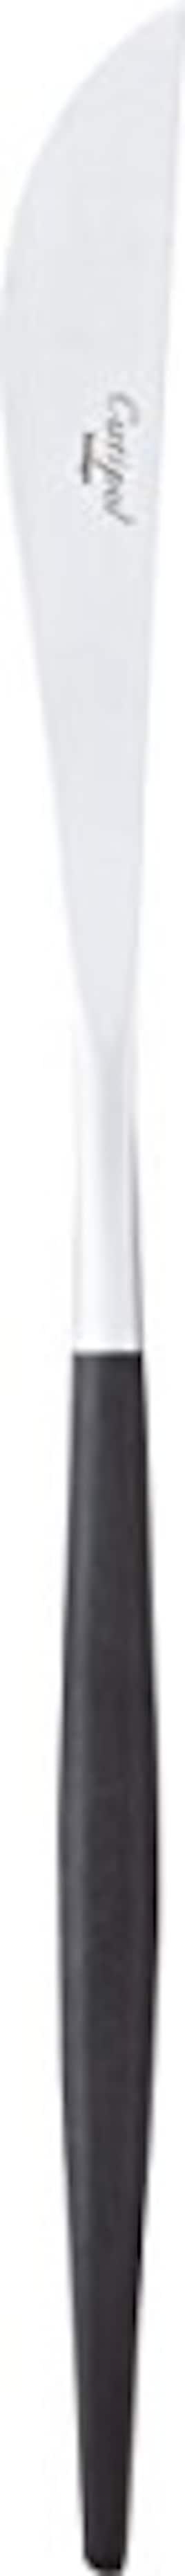 クチポール テーブル ナイフ GOA シルバー×ブラック GO.03